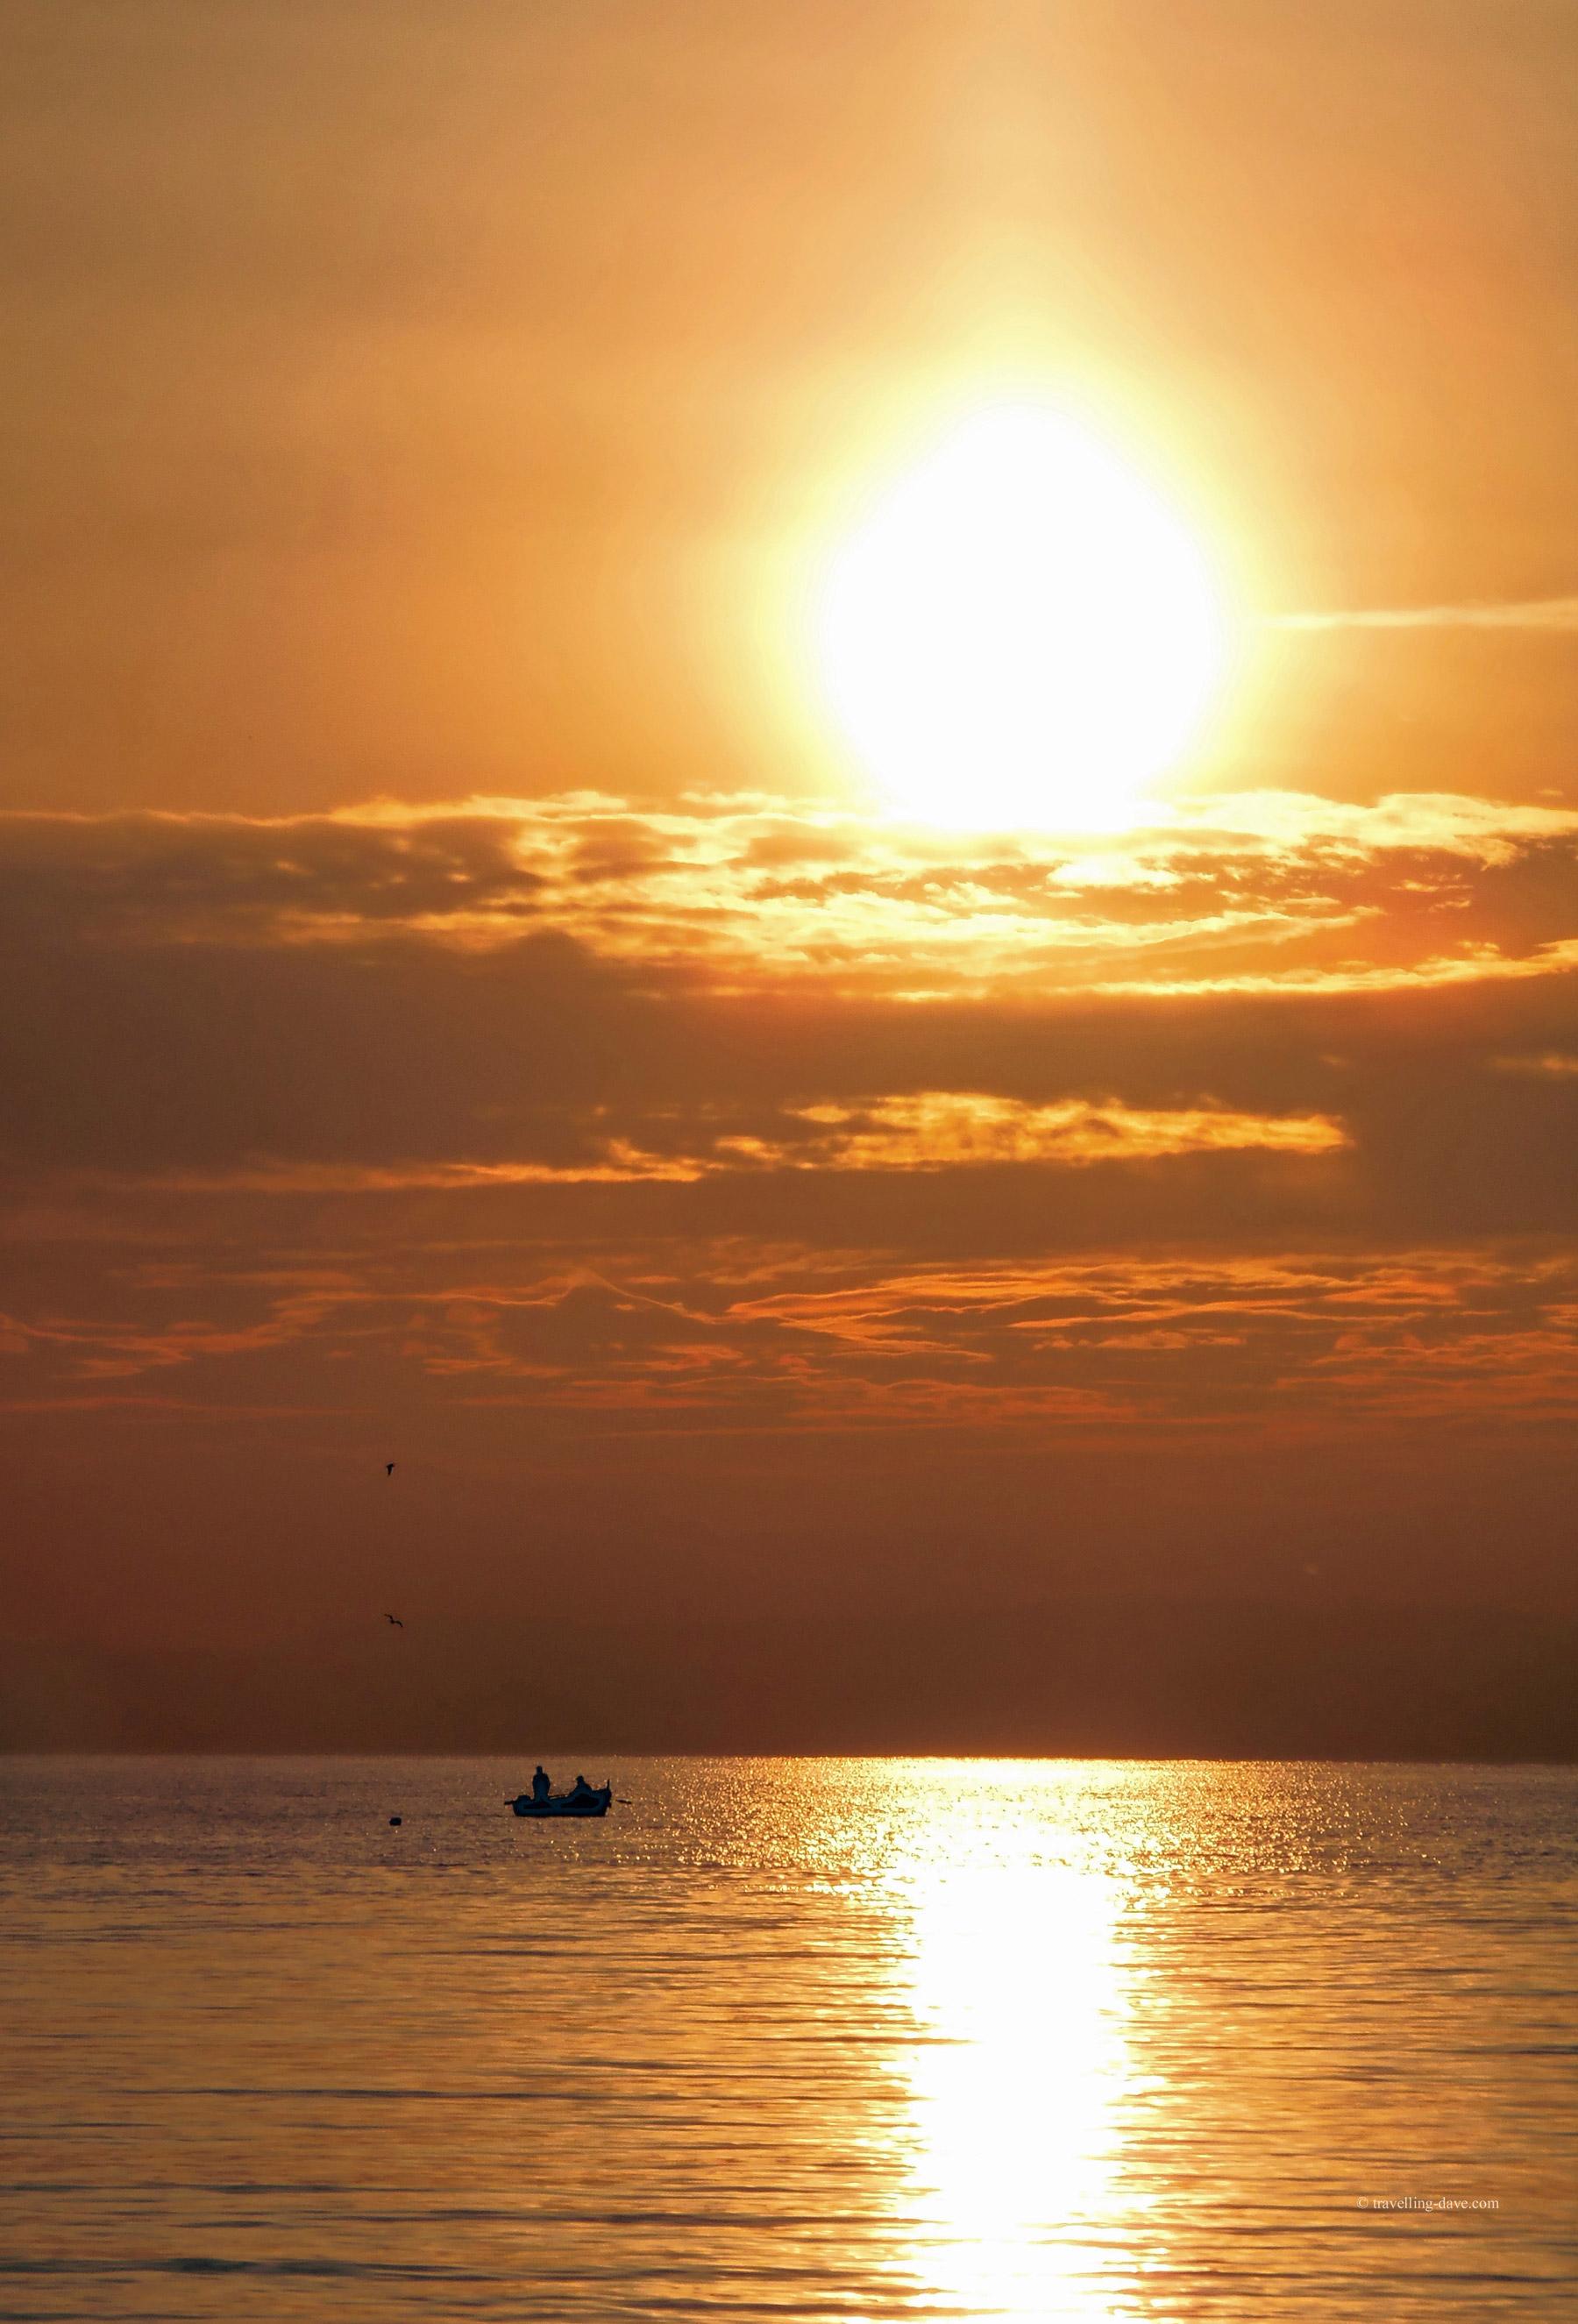 Sun setting on Lake Garda in Italy